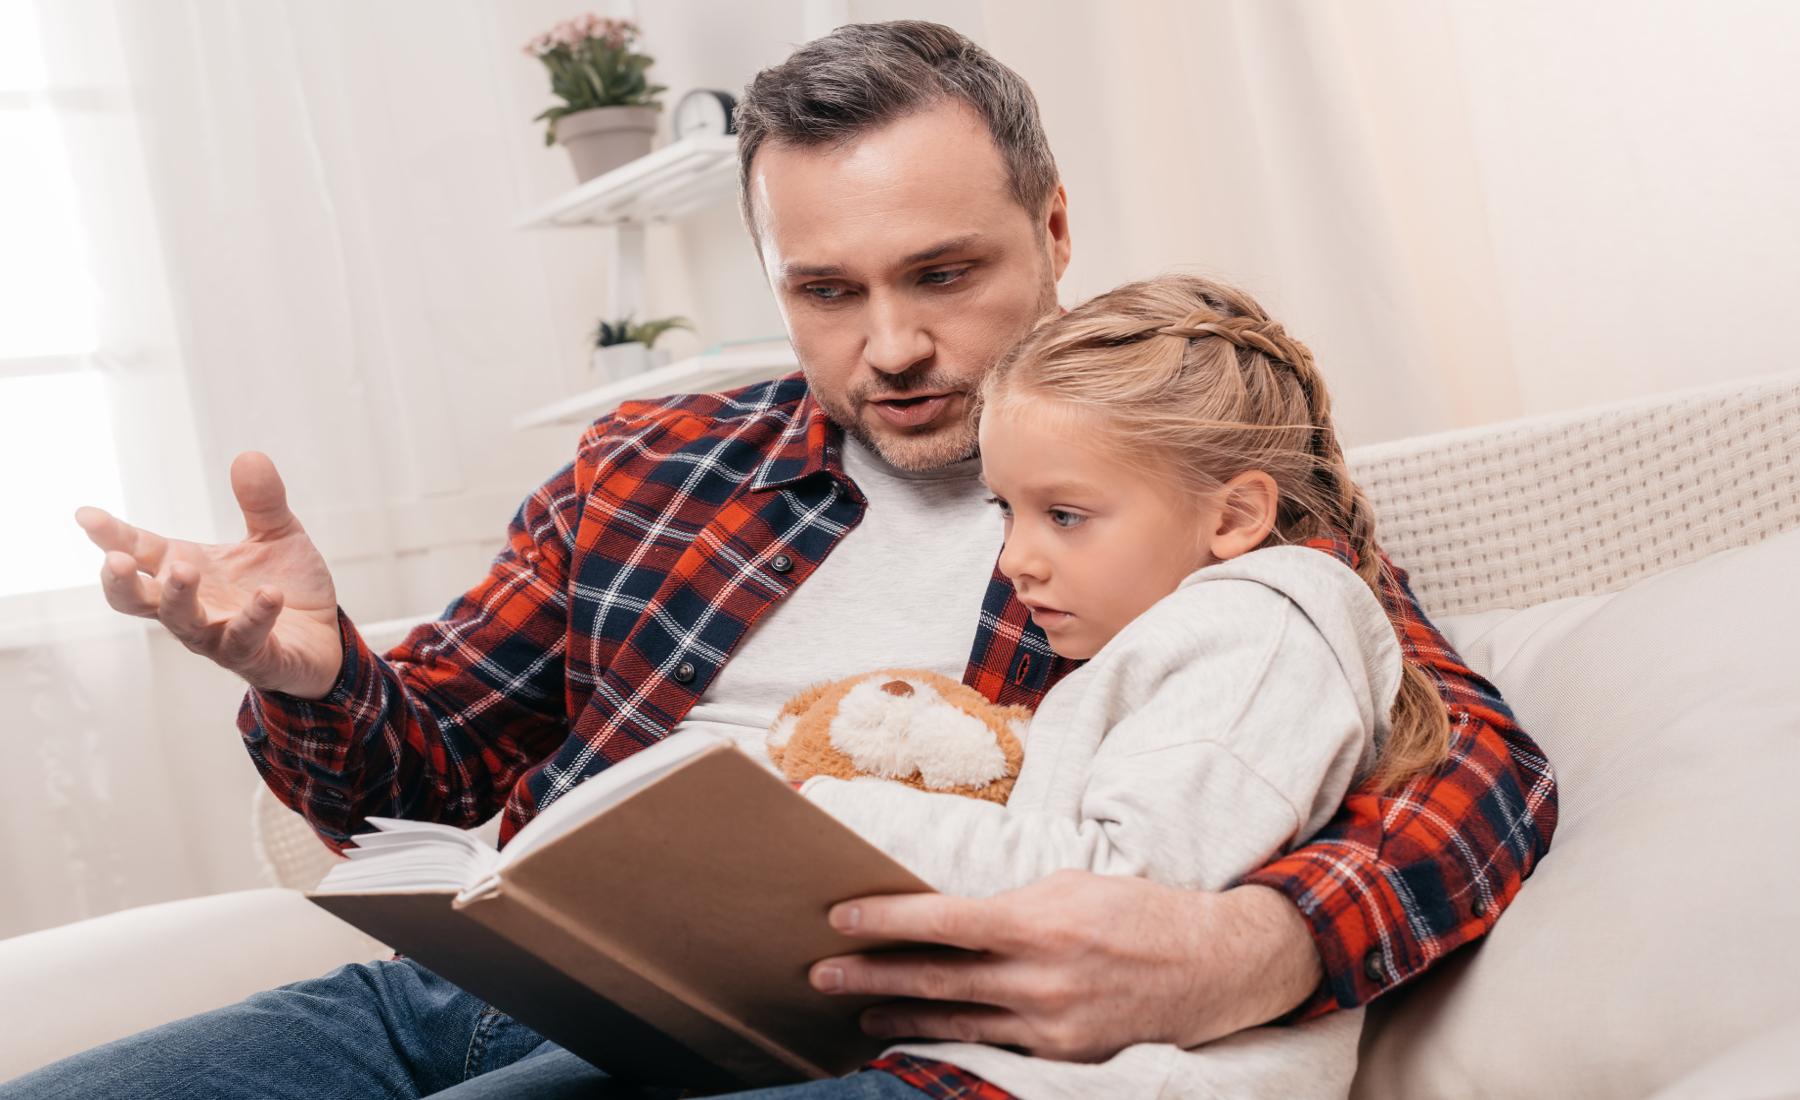 כך תגדלו ילדים שאוהבים לקרוא